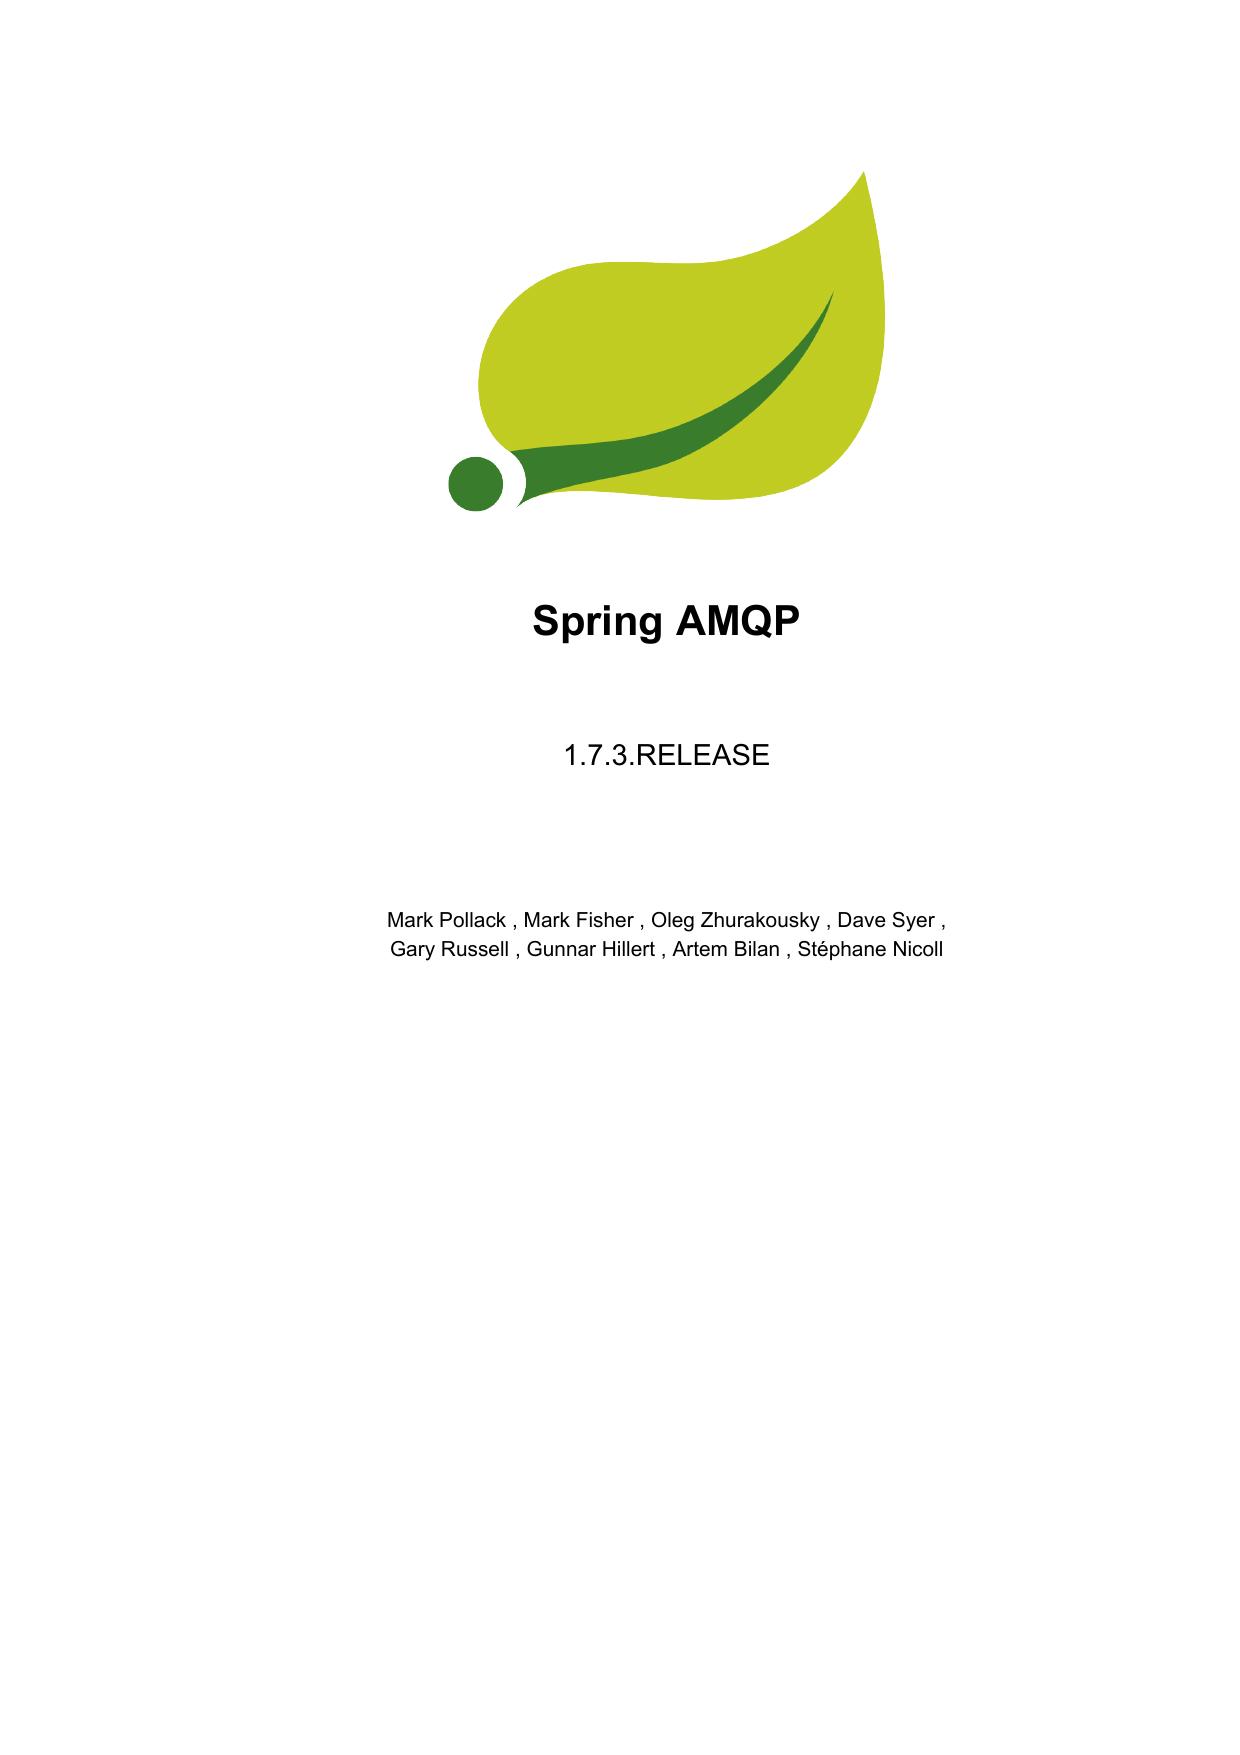 spring-amqp-referenc   | manualzz com